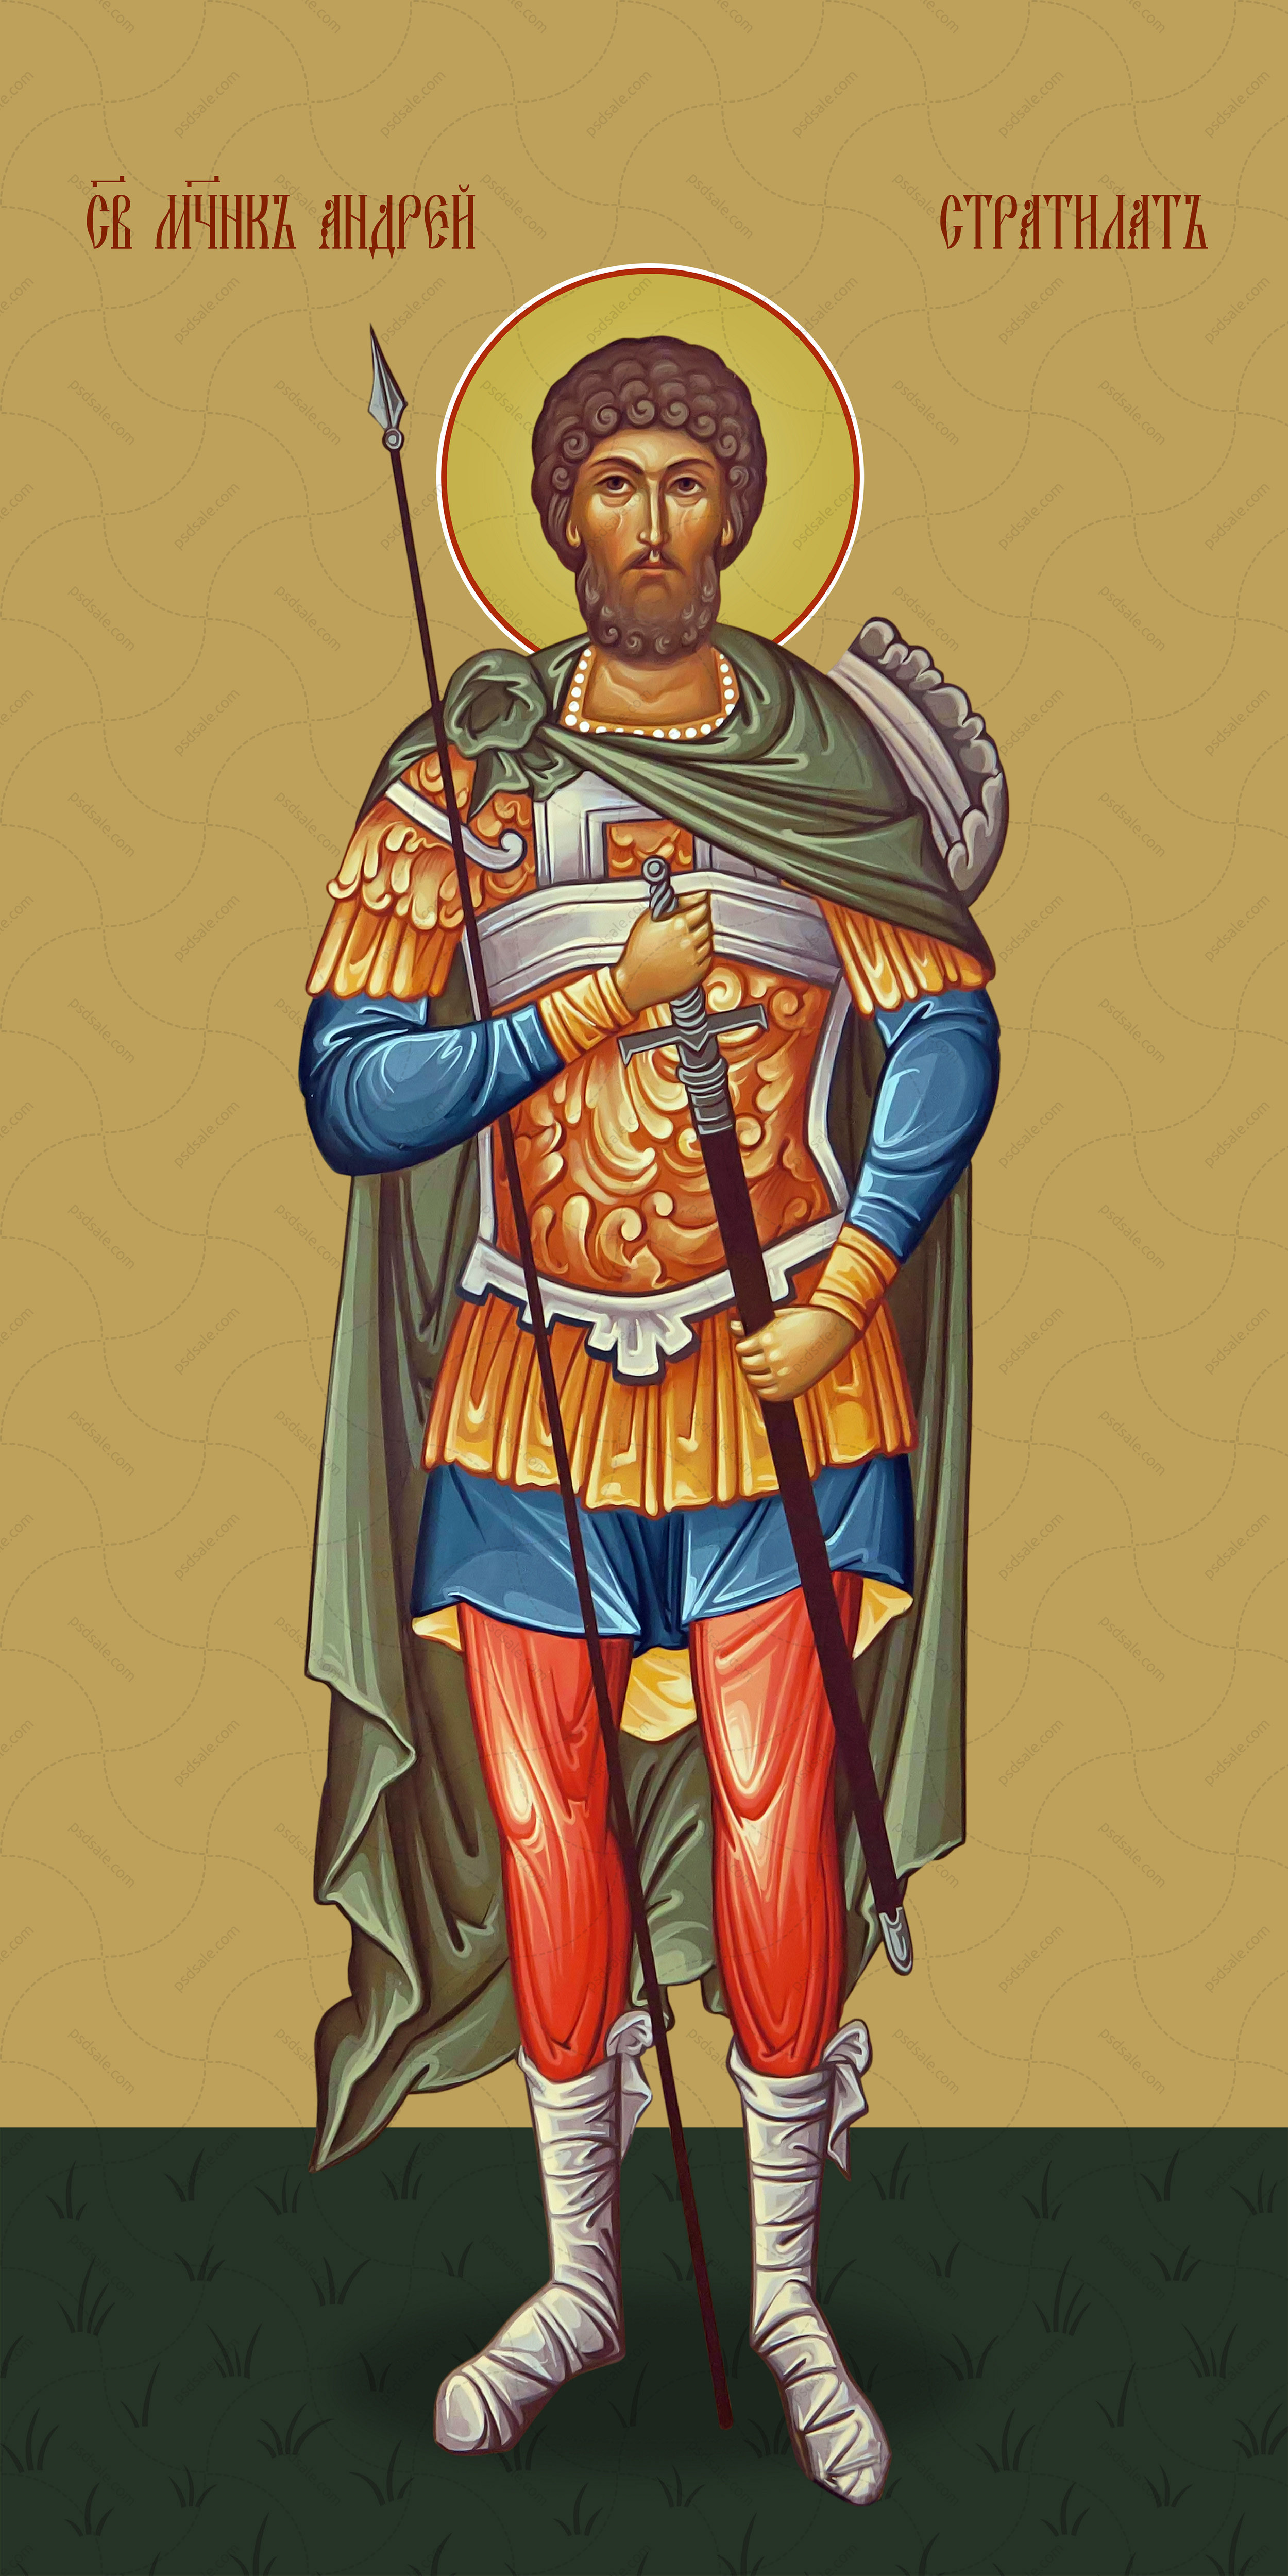 Мерная икона, Андрей Стратилат, святой мученик